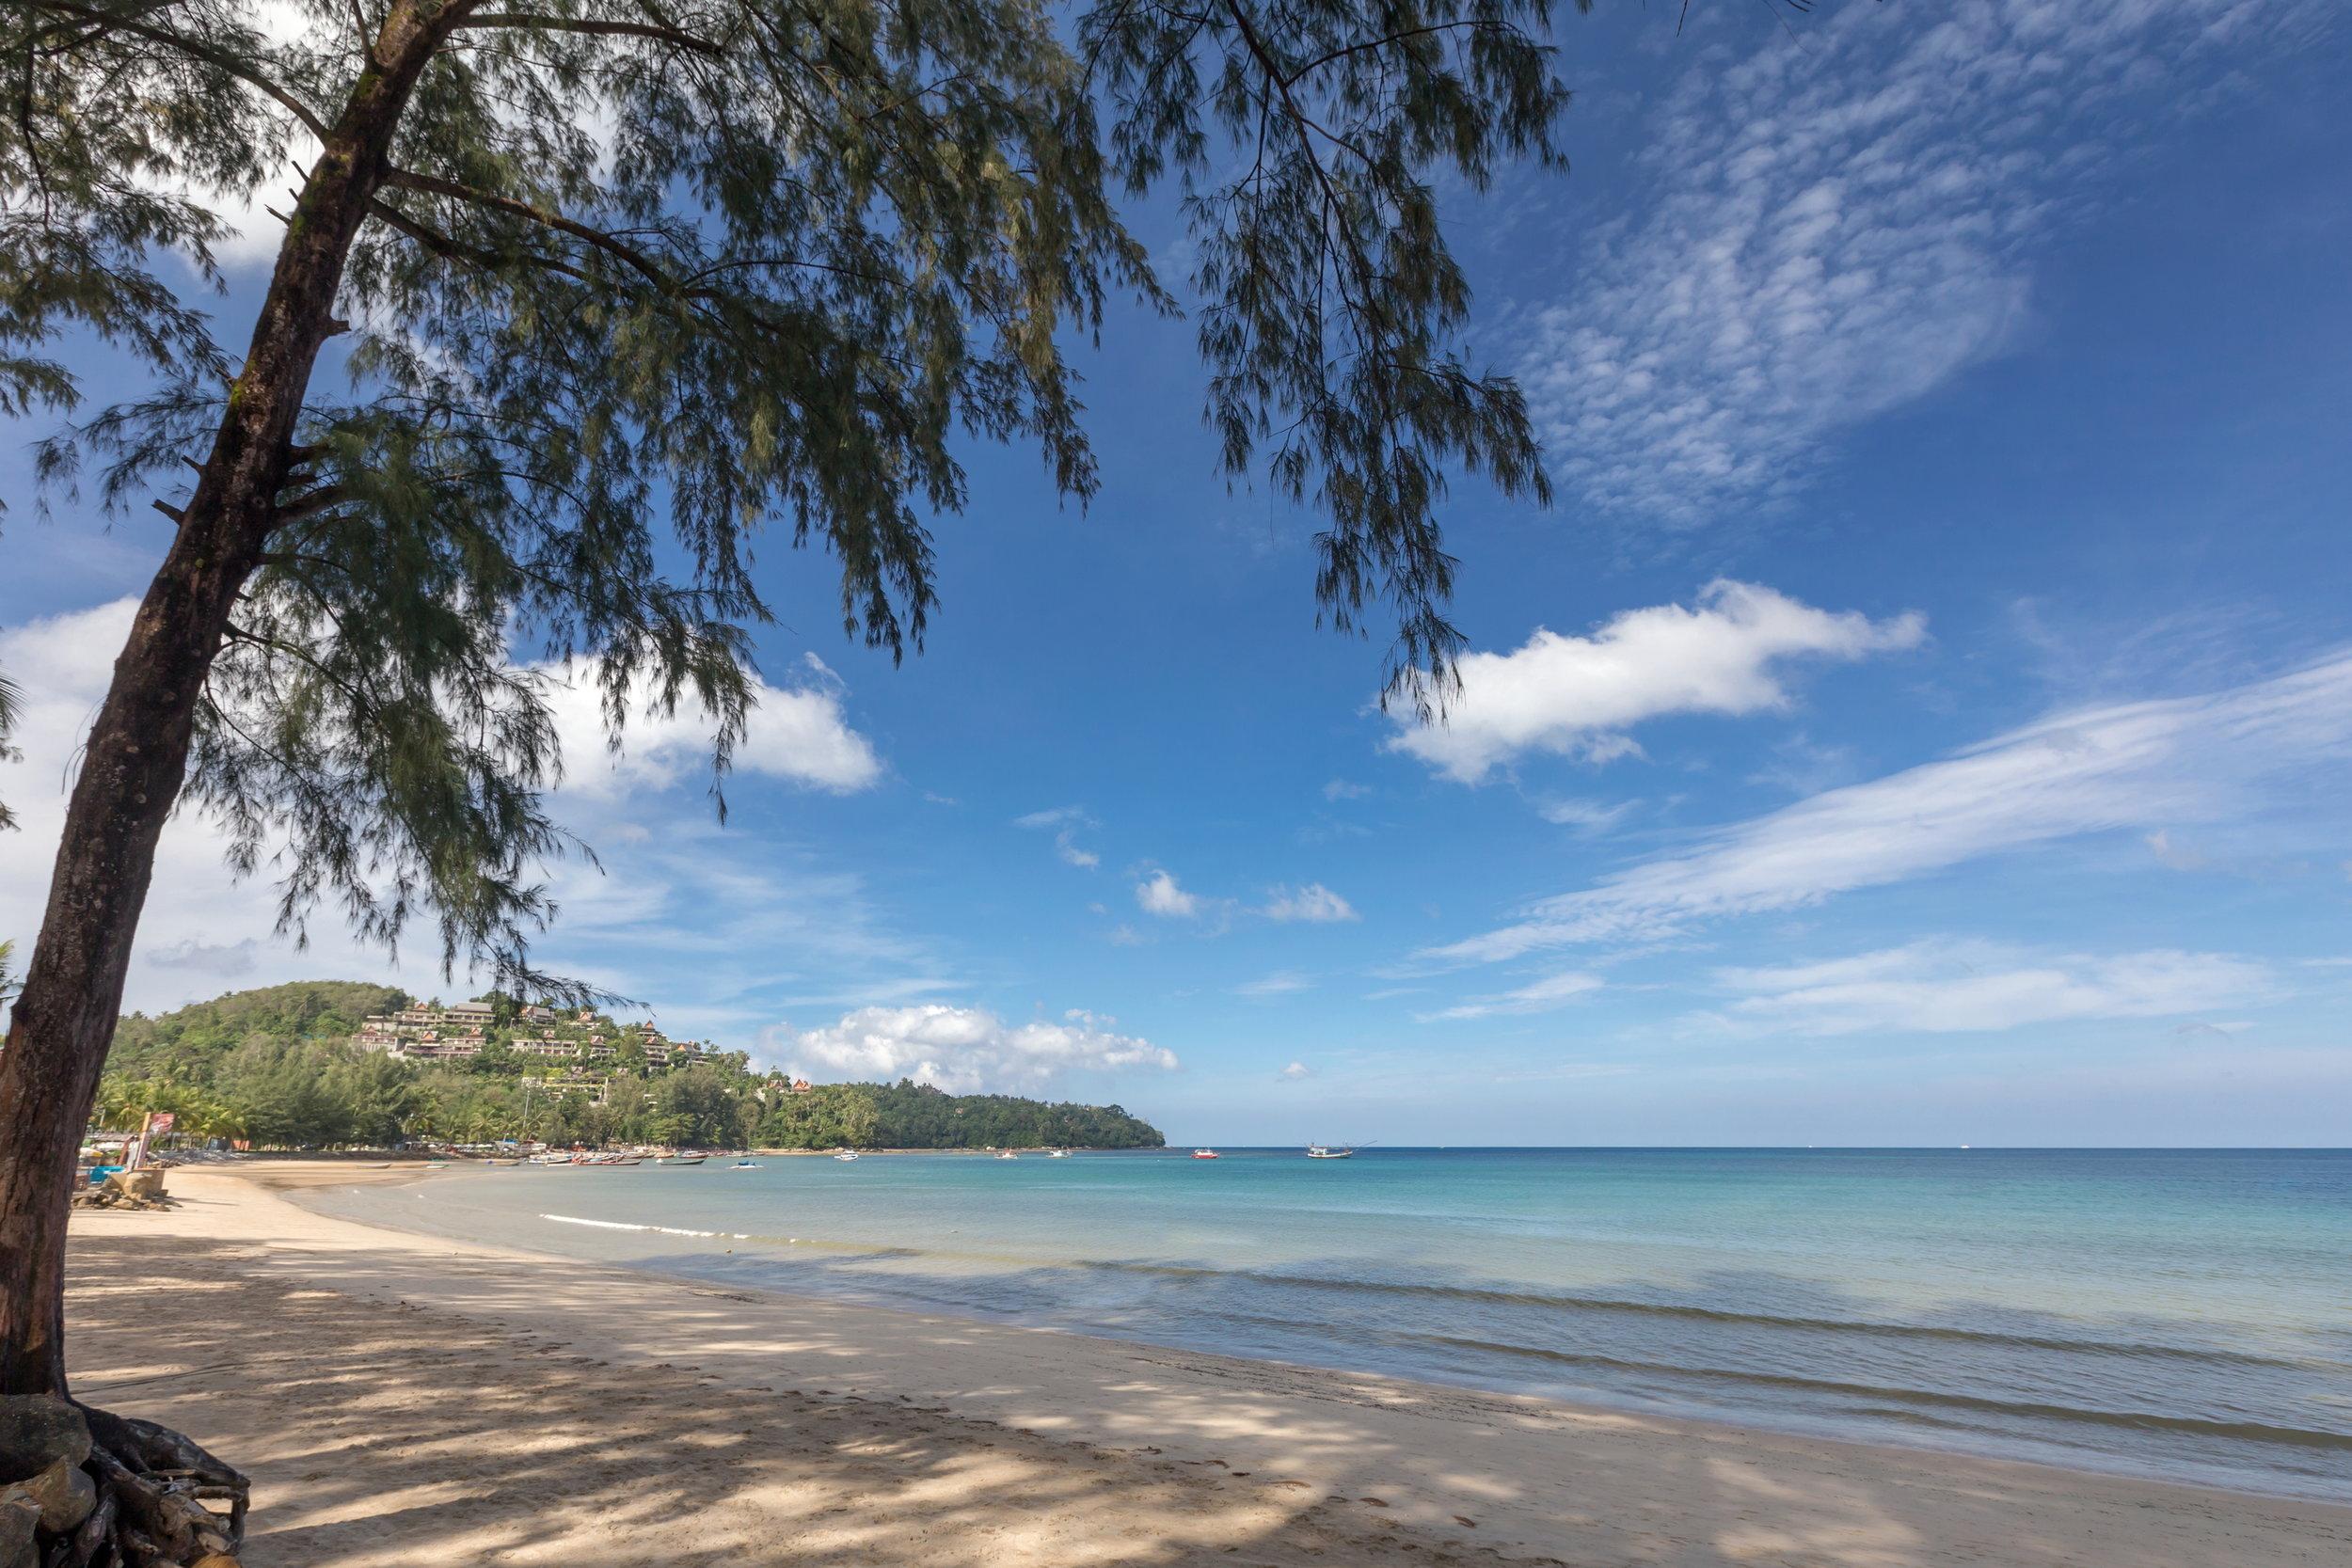 038_Beach_001JPG.jpg